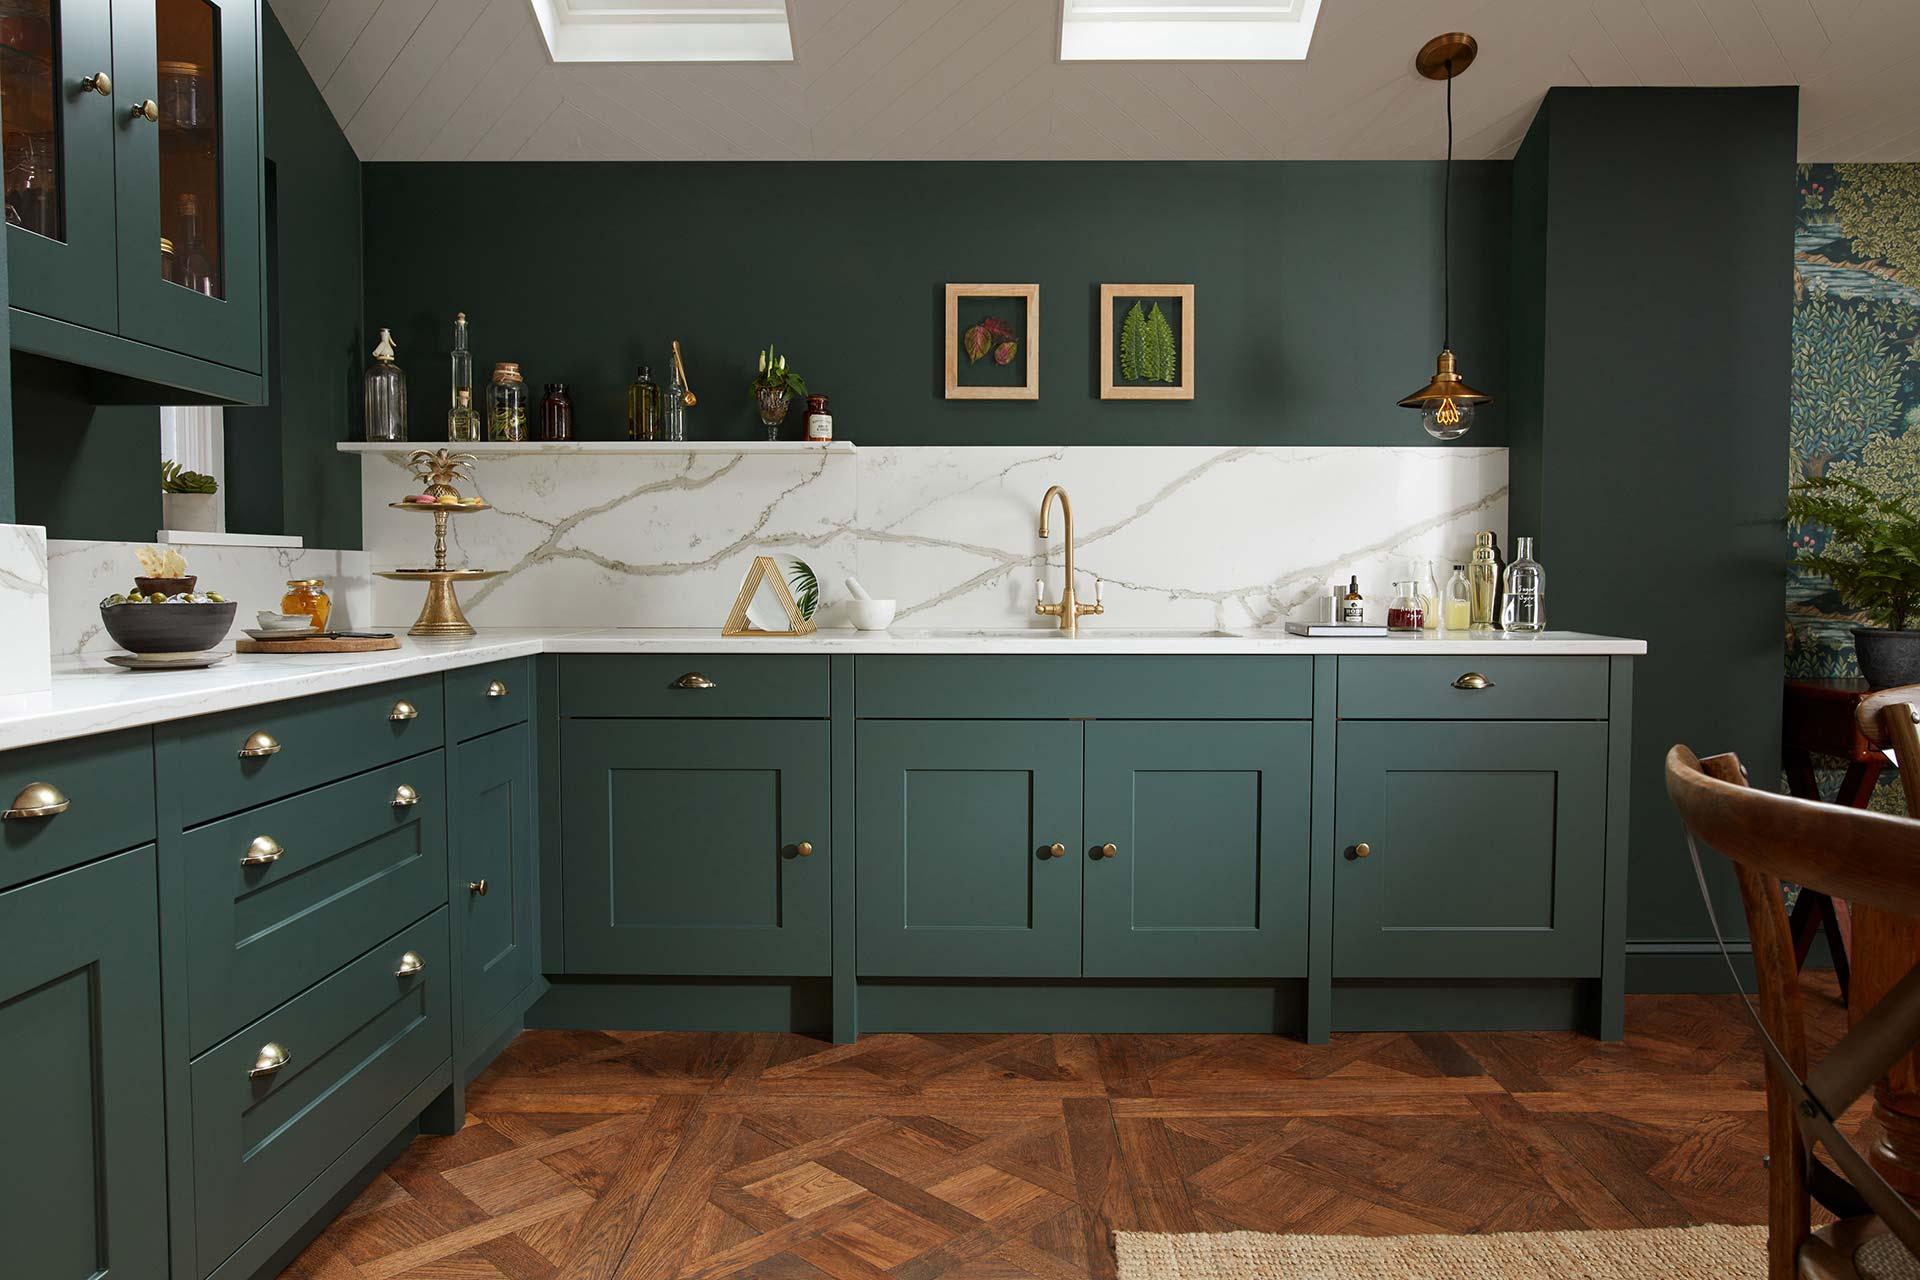 kitchen design ideas Green shaker kitchen marbled quartz worktop & splashback